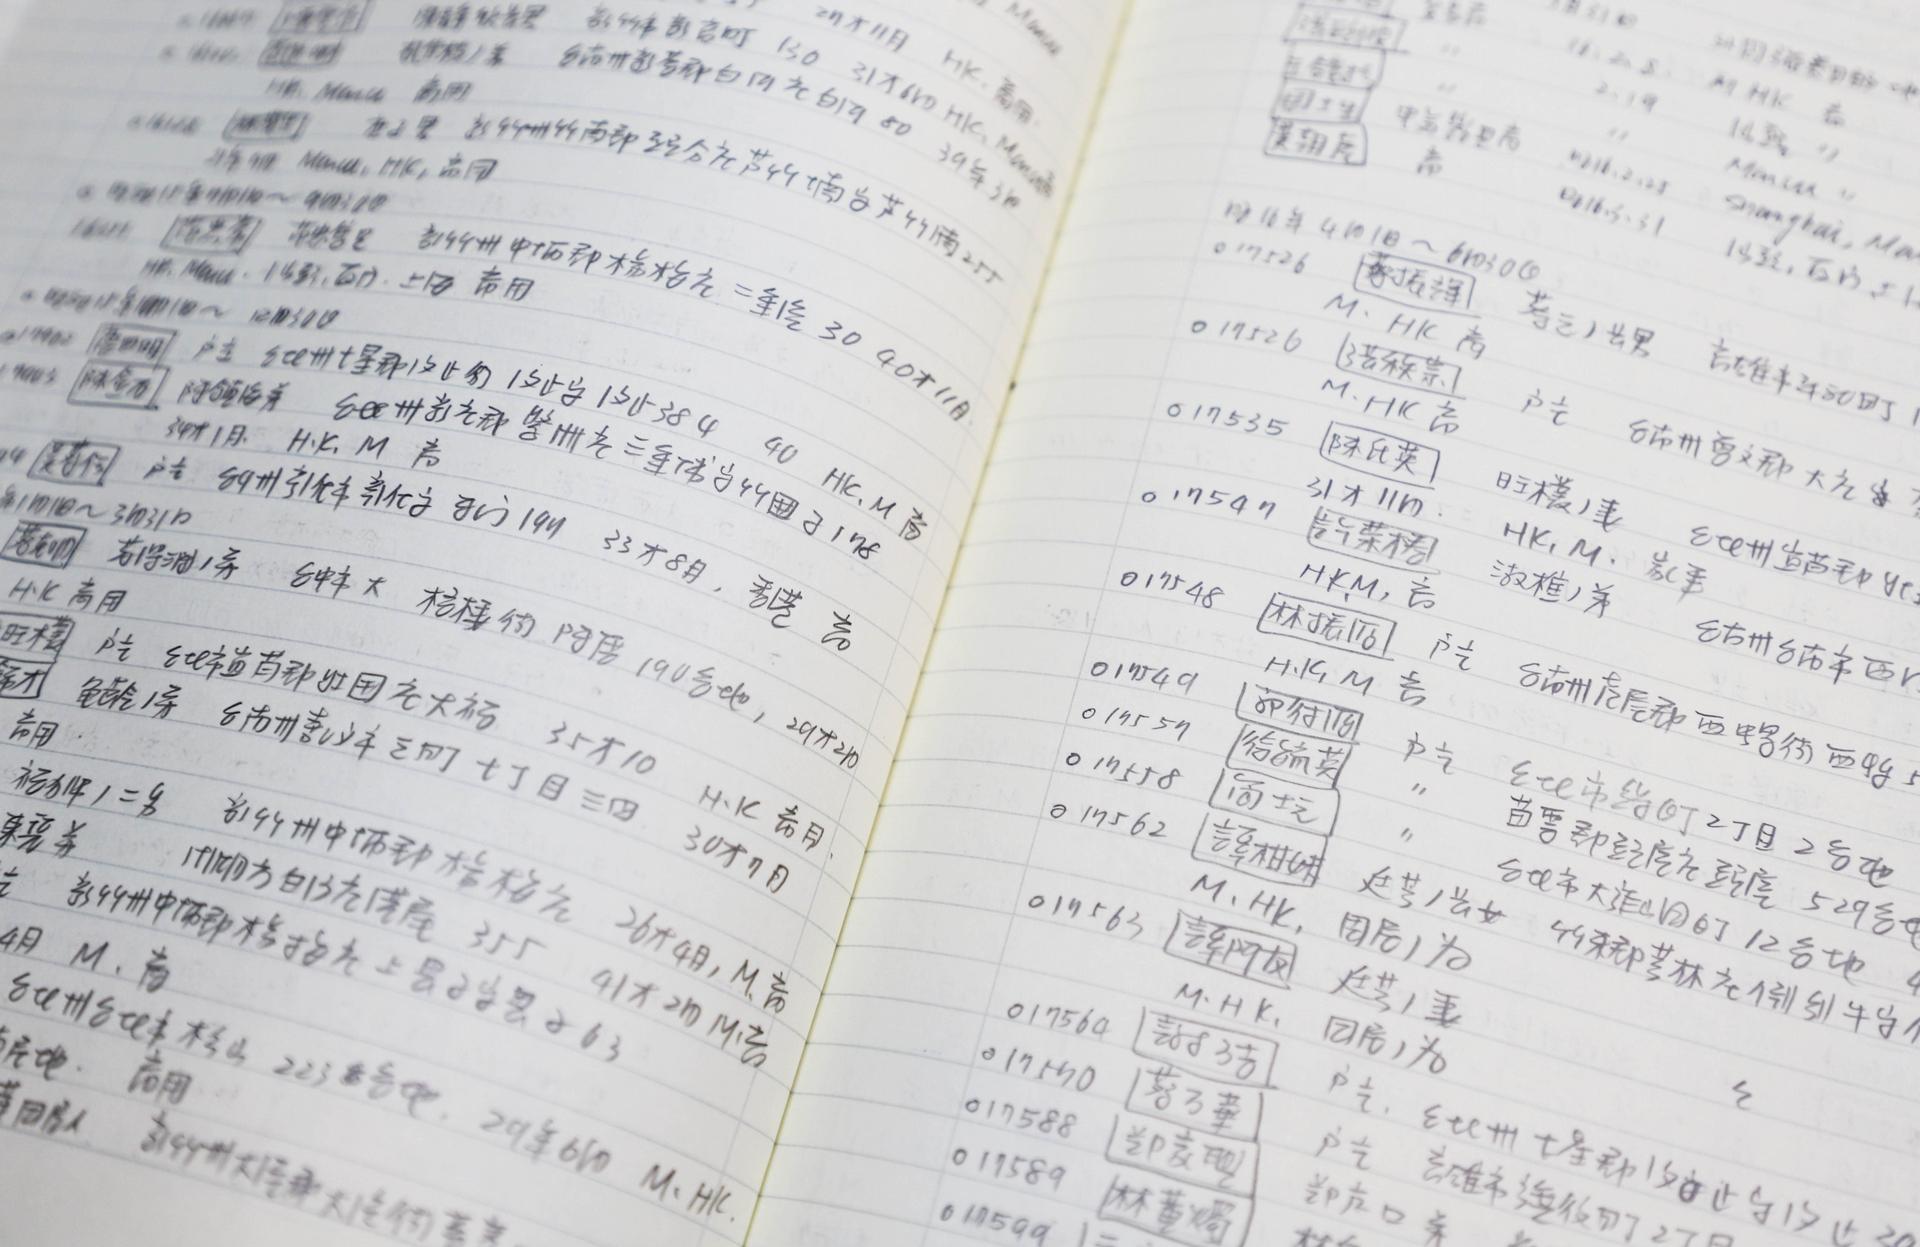 許雪姬初期手抄旅券資料,一筆一筆帶回臺灣。資料來源│許雪姬